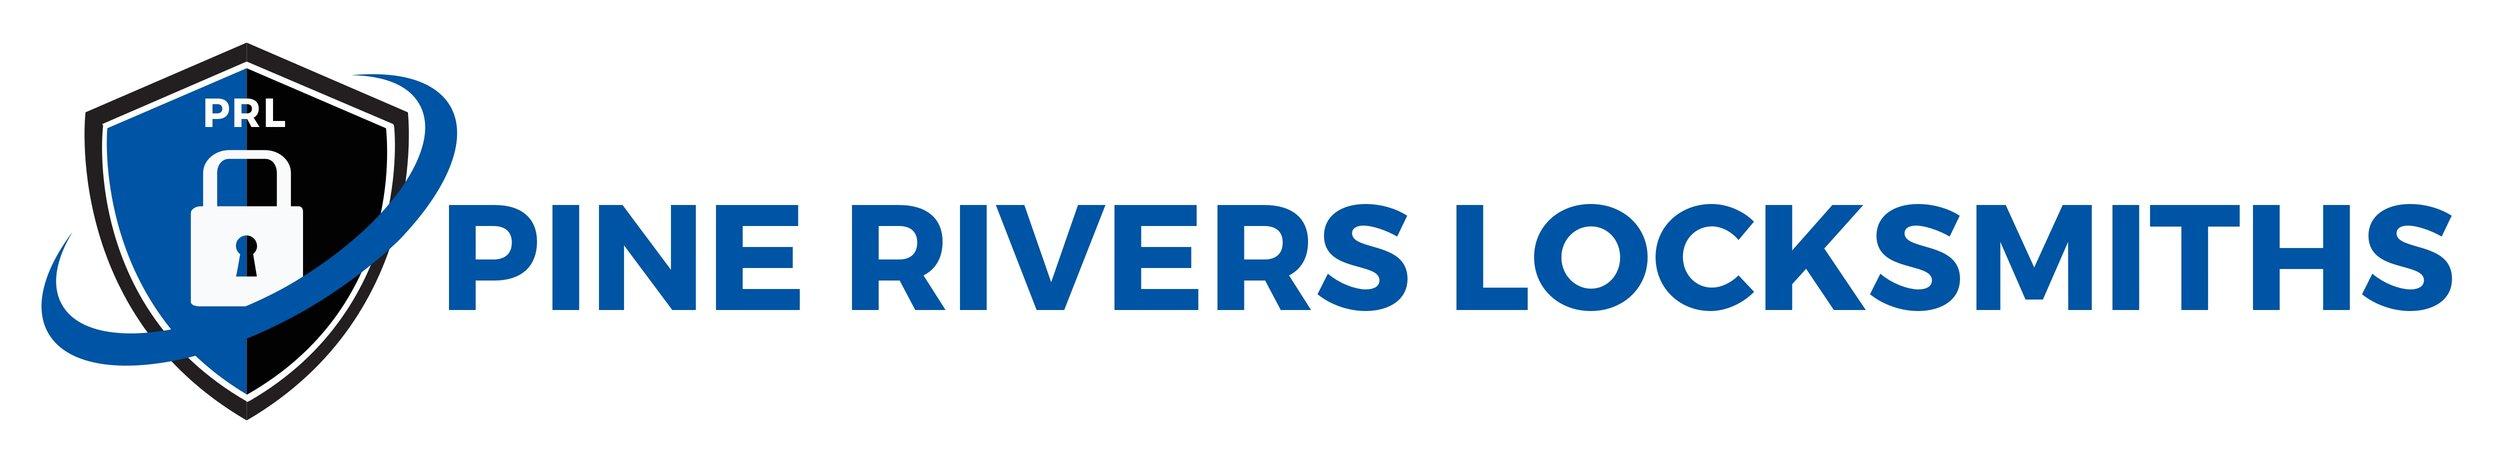 Pine Rivers Locksmiths Logo.jpg